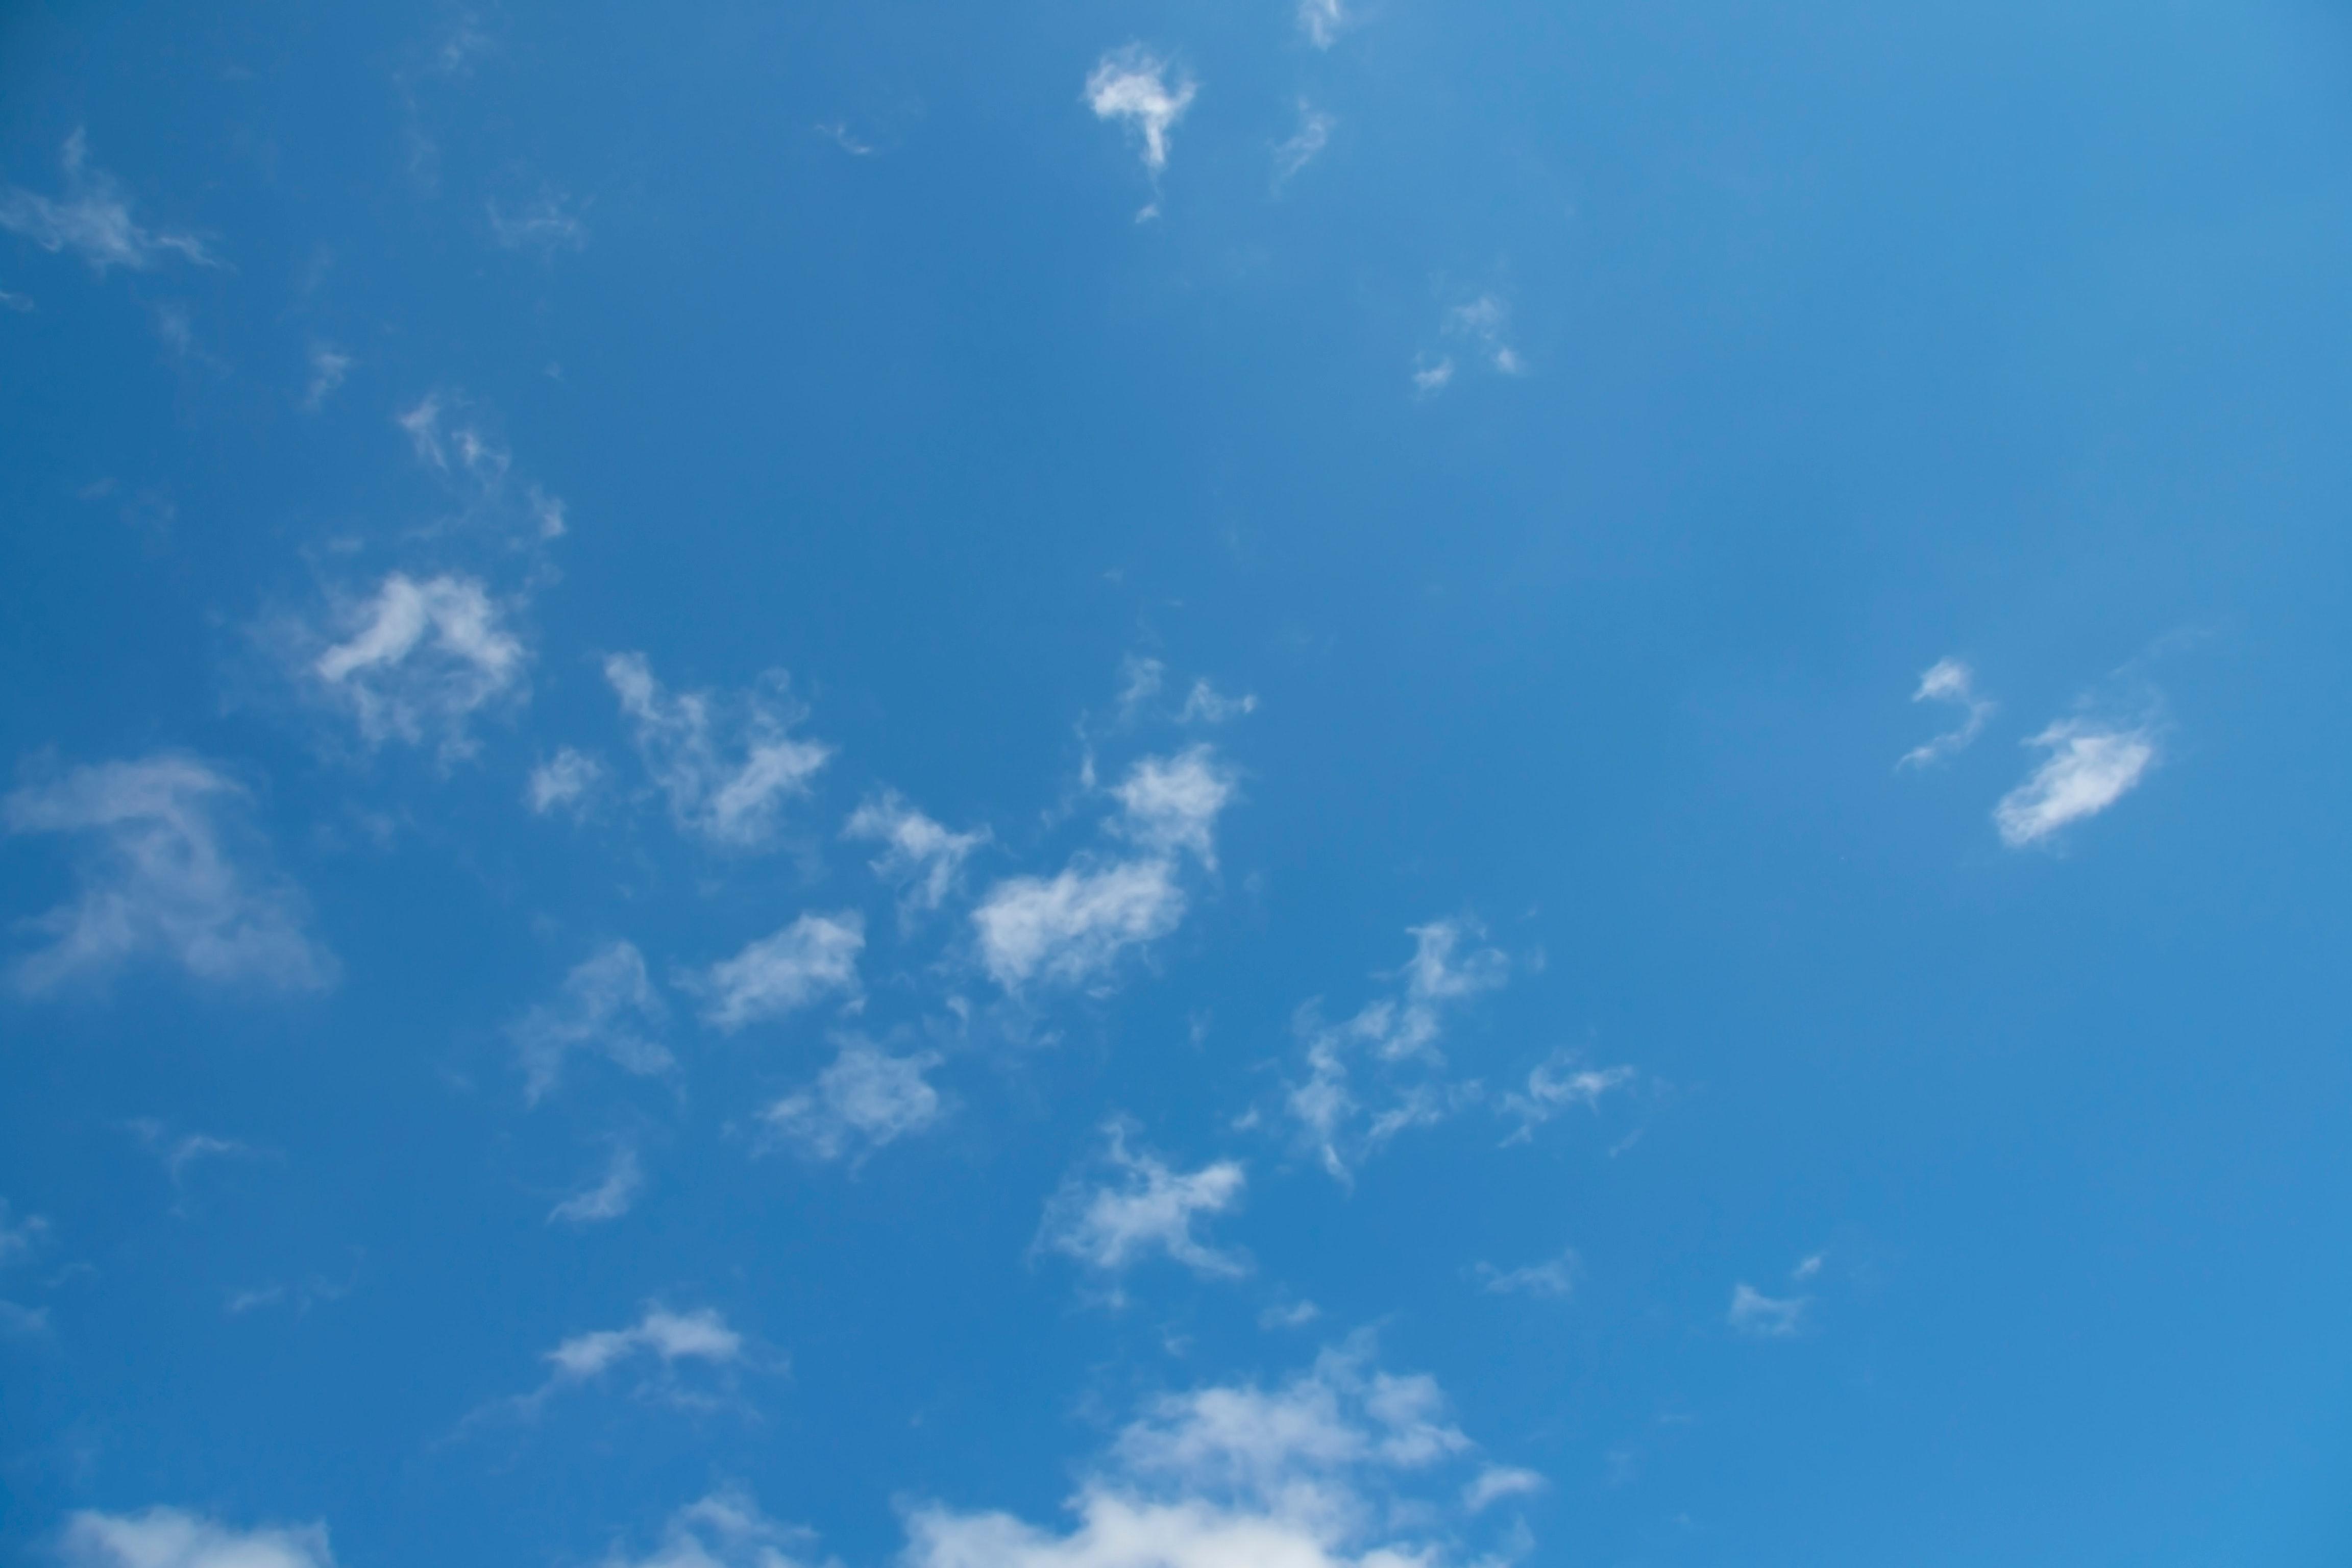 Sky Wallpapers: 1000+ Beautiful Blue Sky Photos · Pexels · Free Stock Photos